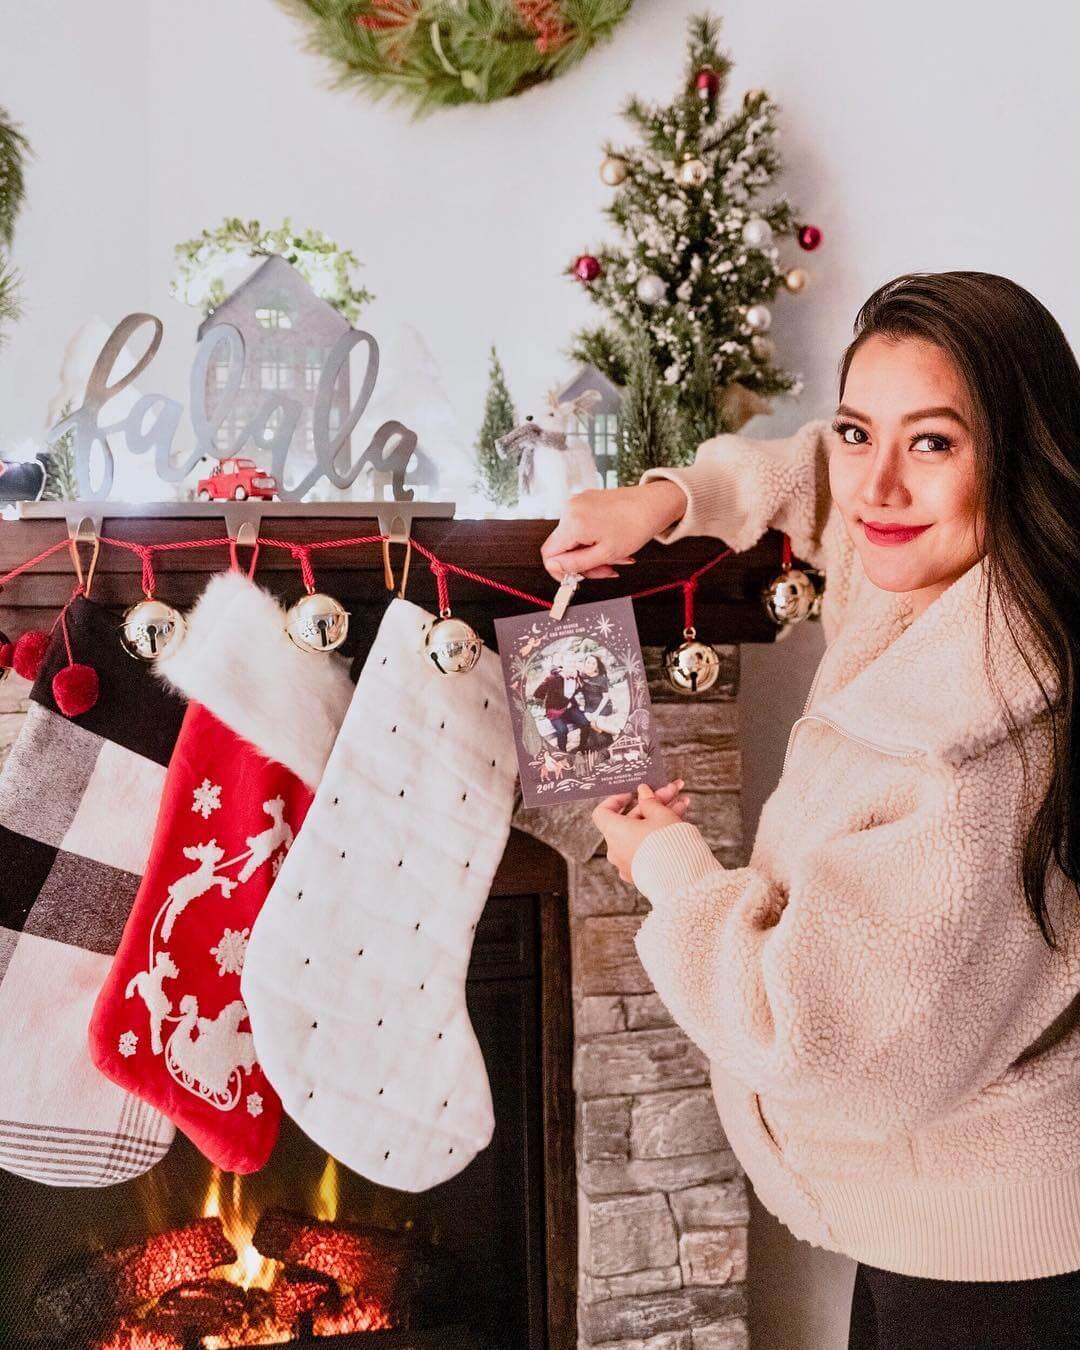 Woman hanging stockings